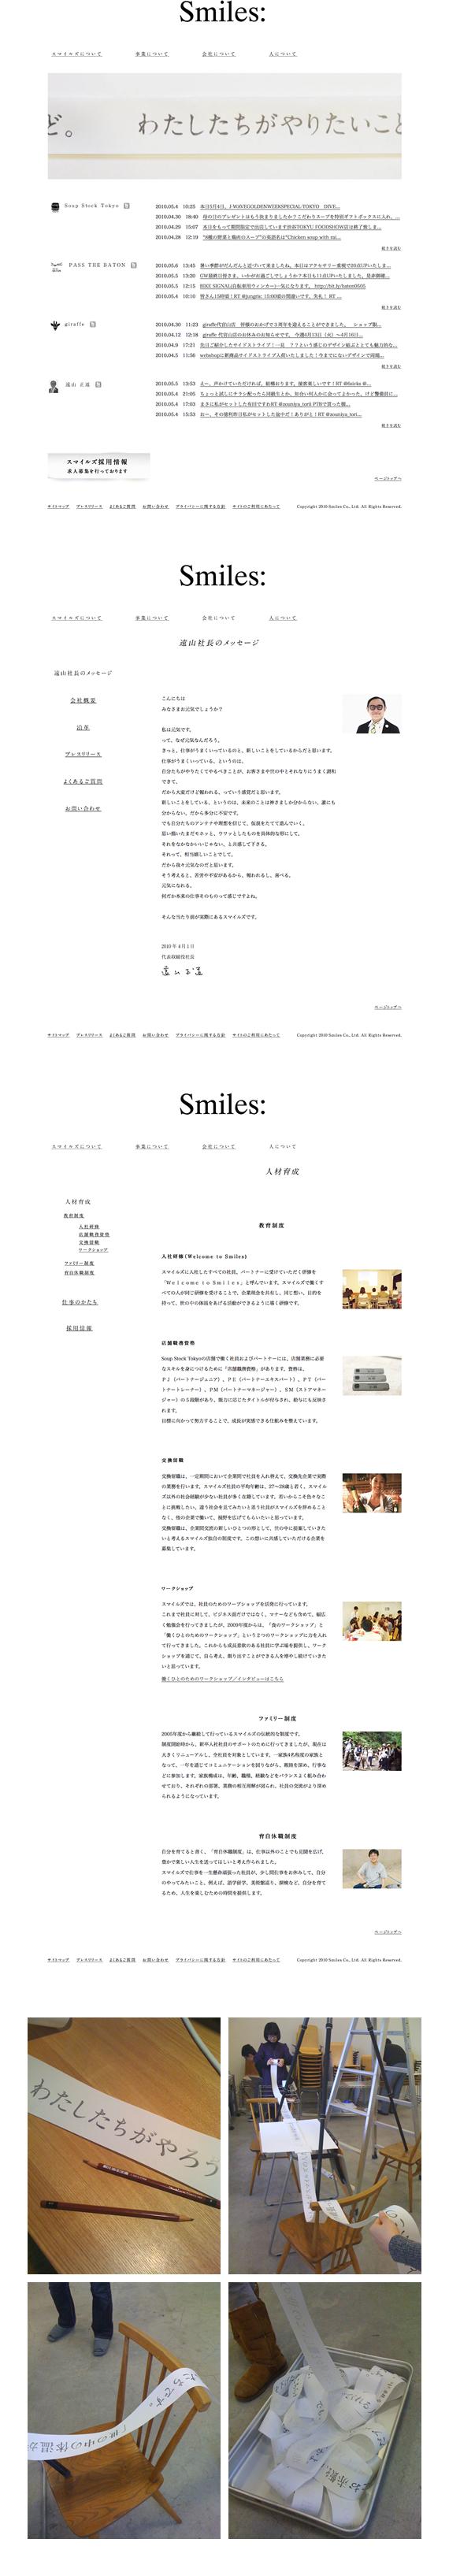 Smiles: